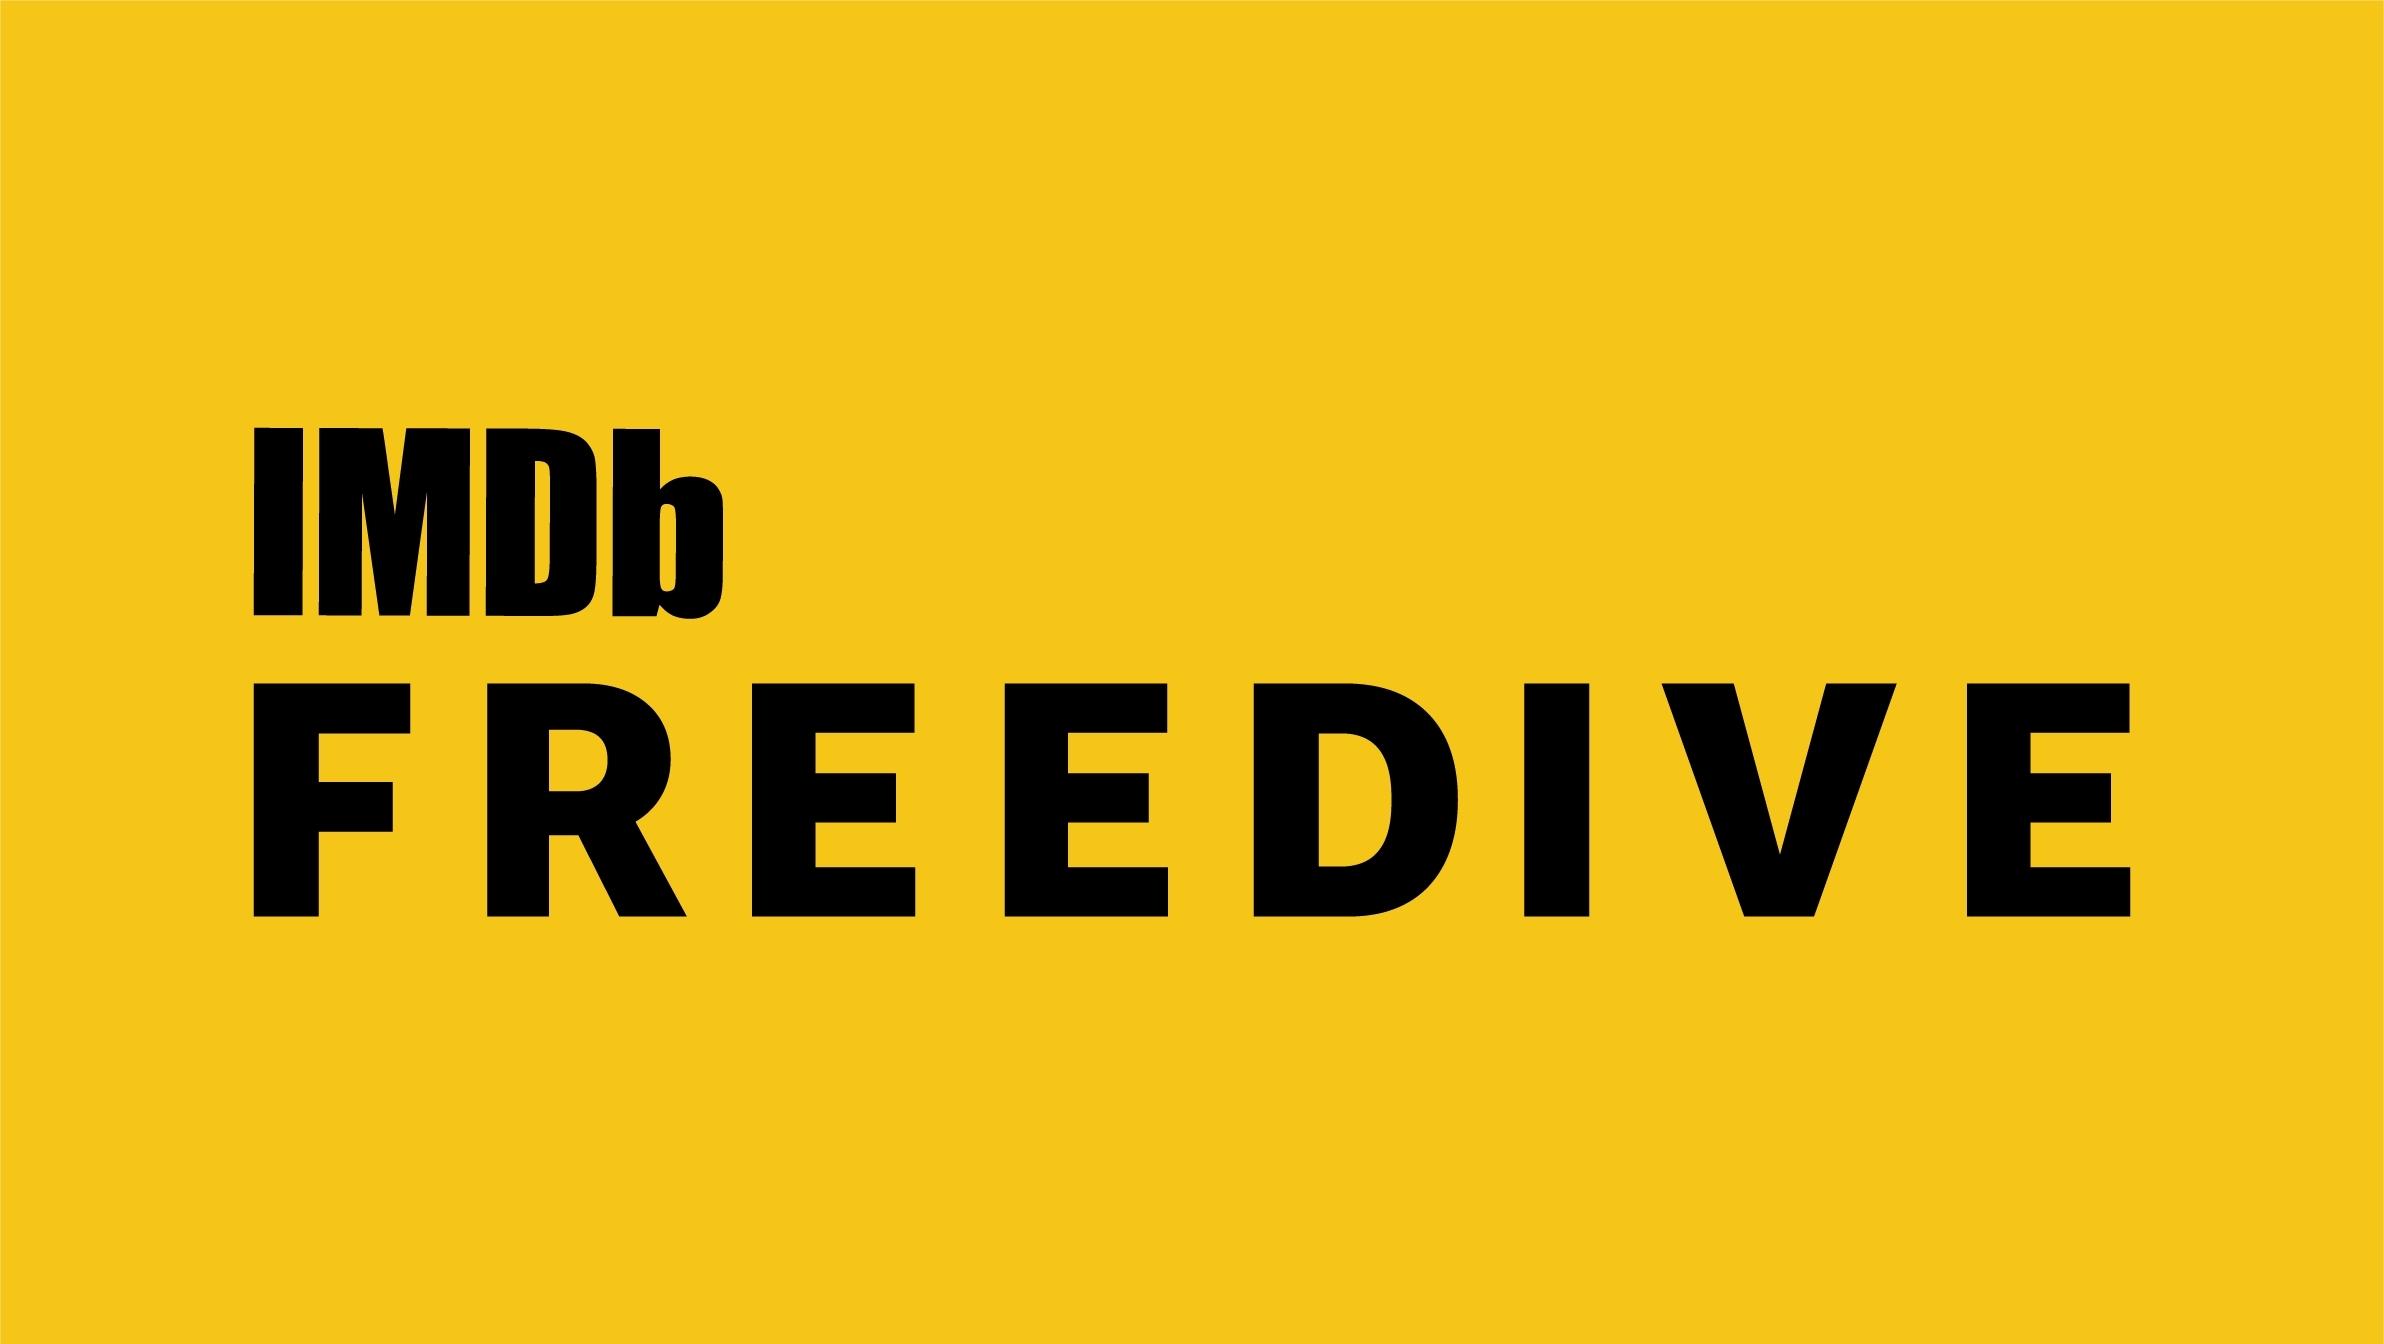 The IMBb Freedive logo.